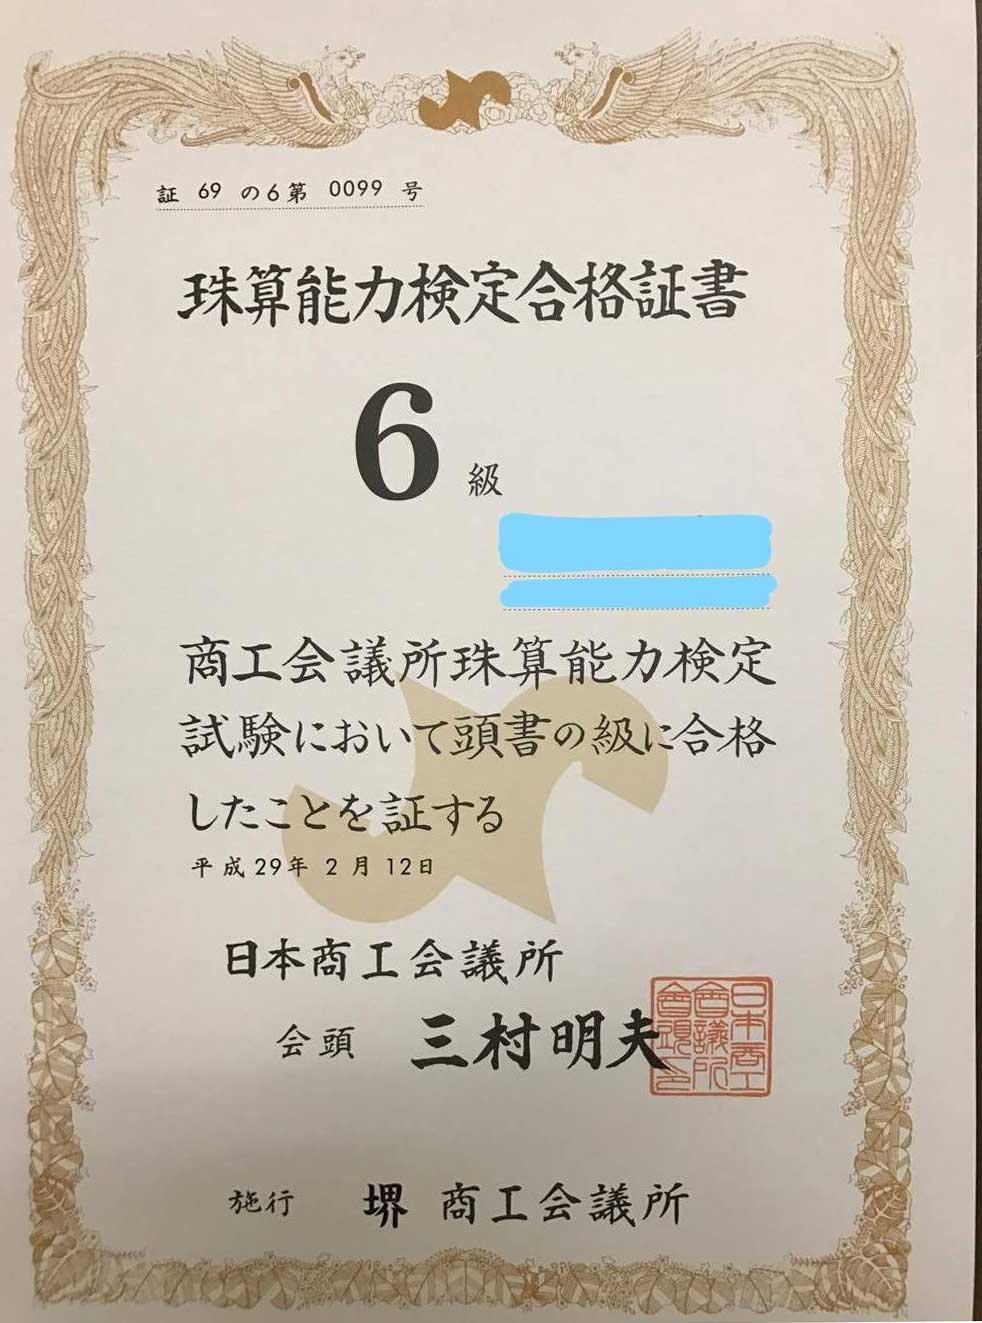 珠算能力検定合格 6級